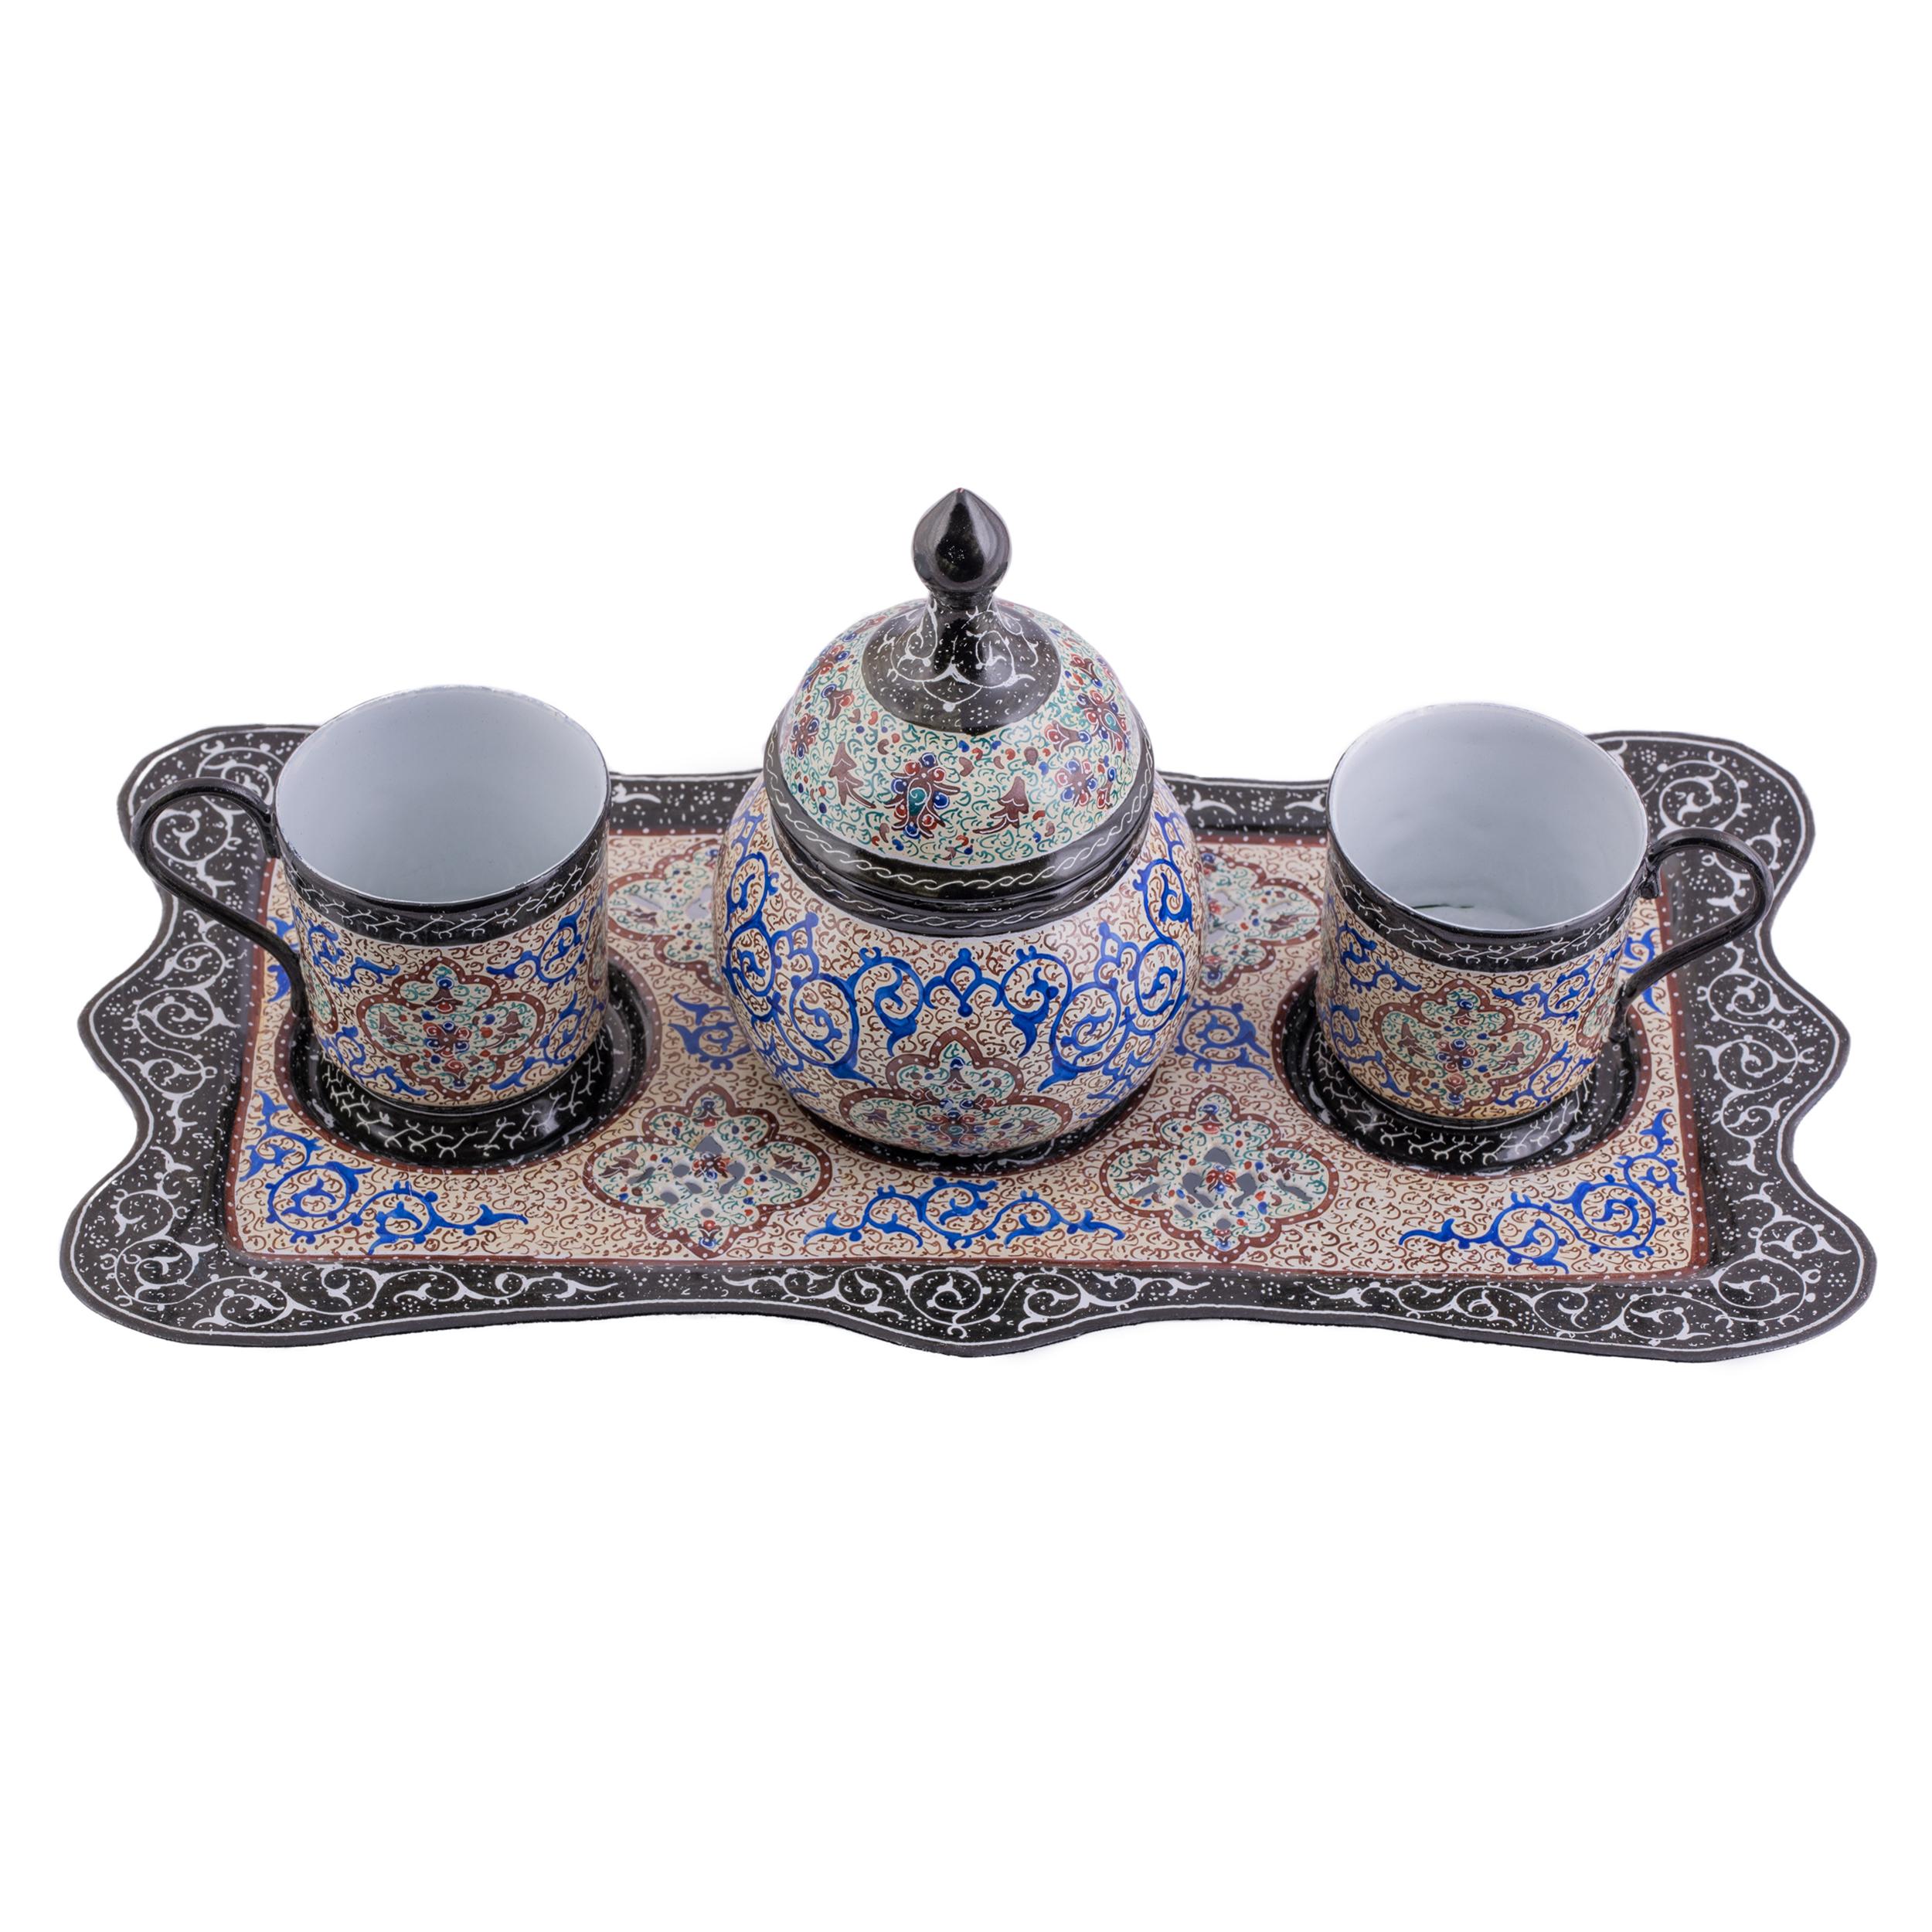 سرویس چای خوری میناکاری سلطانی طرح اسلیمی کد 111 مجموعه 4 عددی